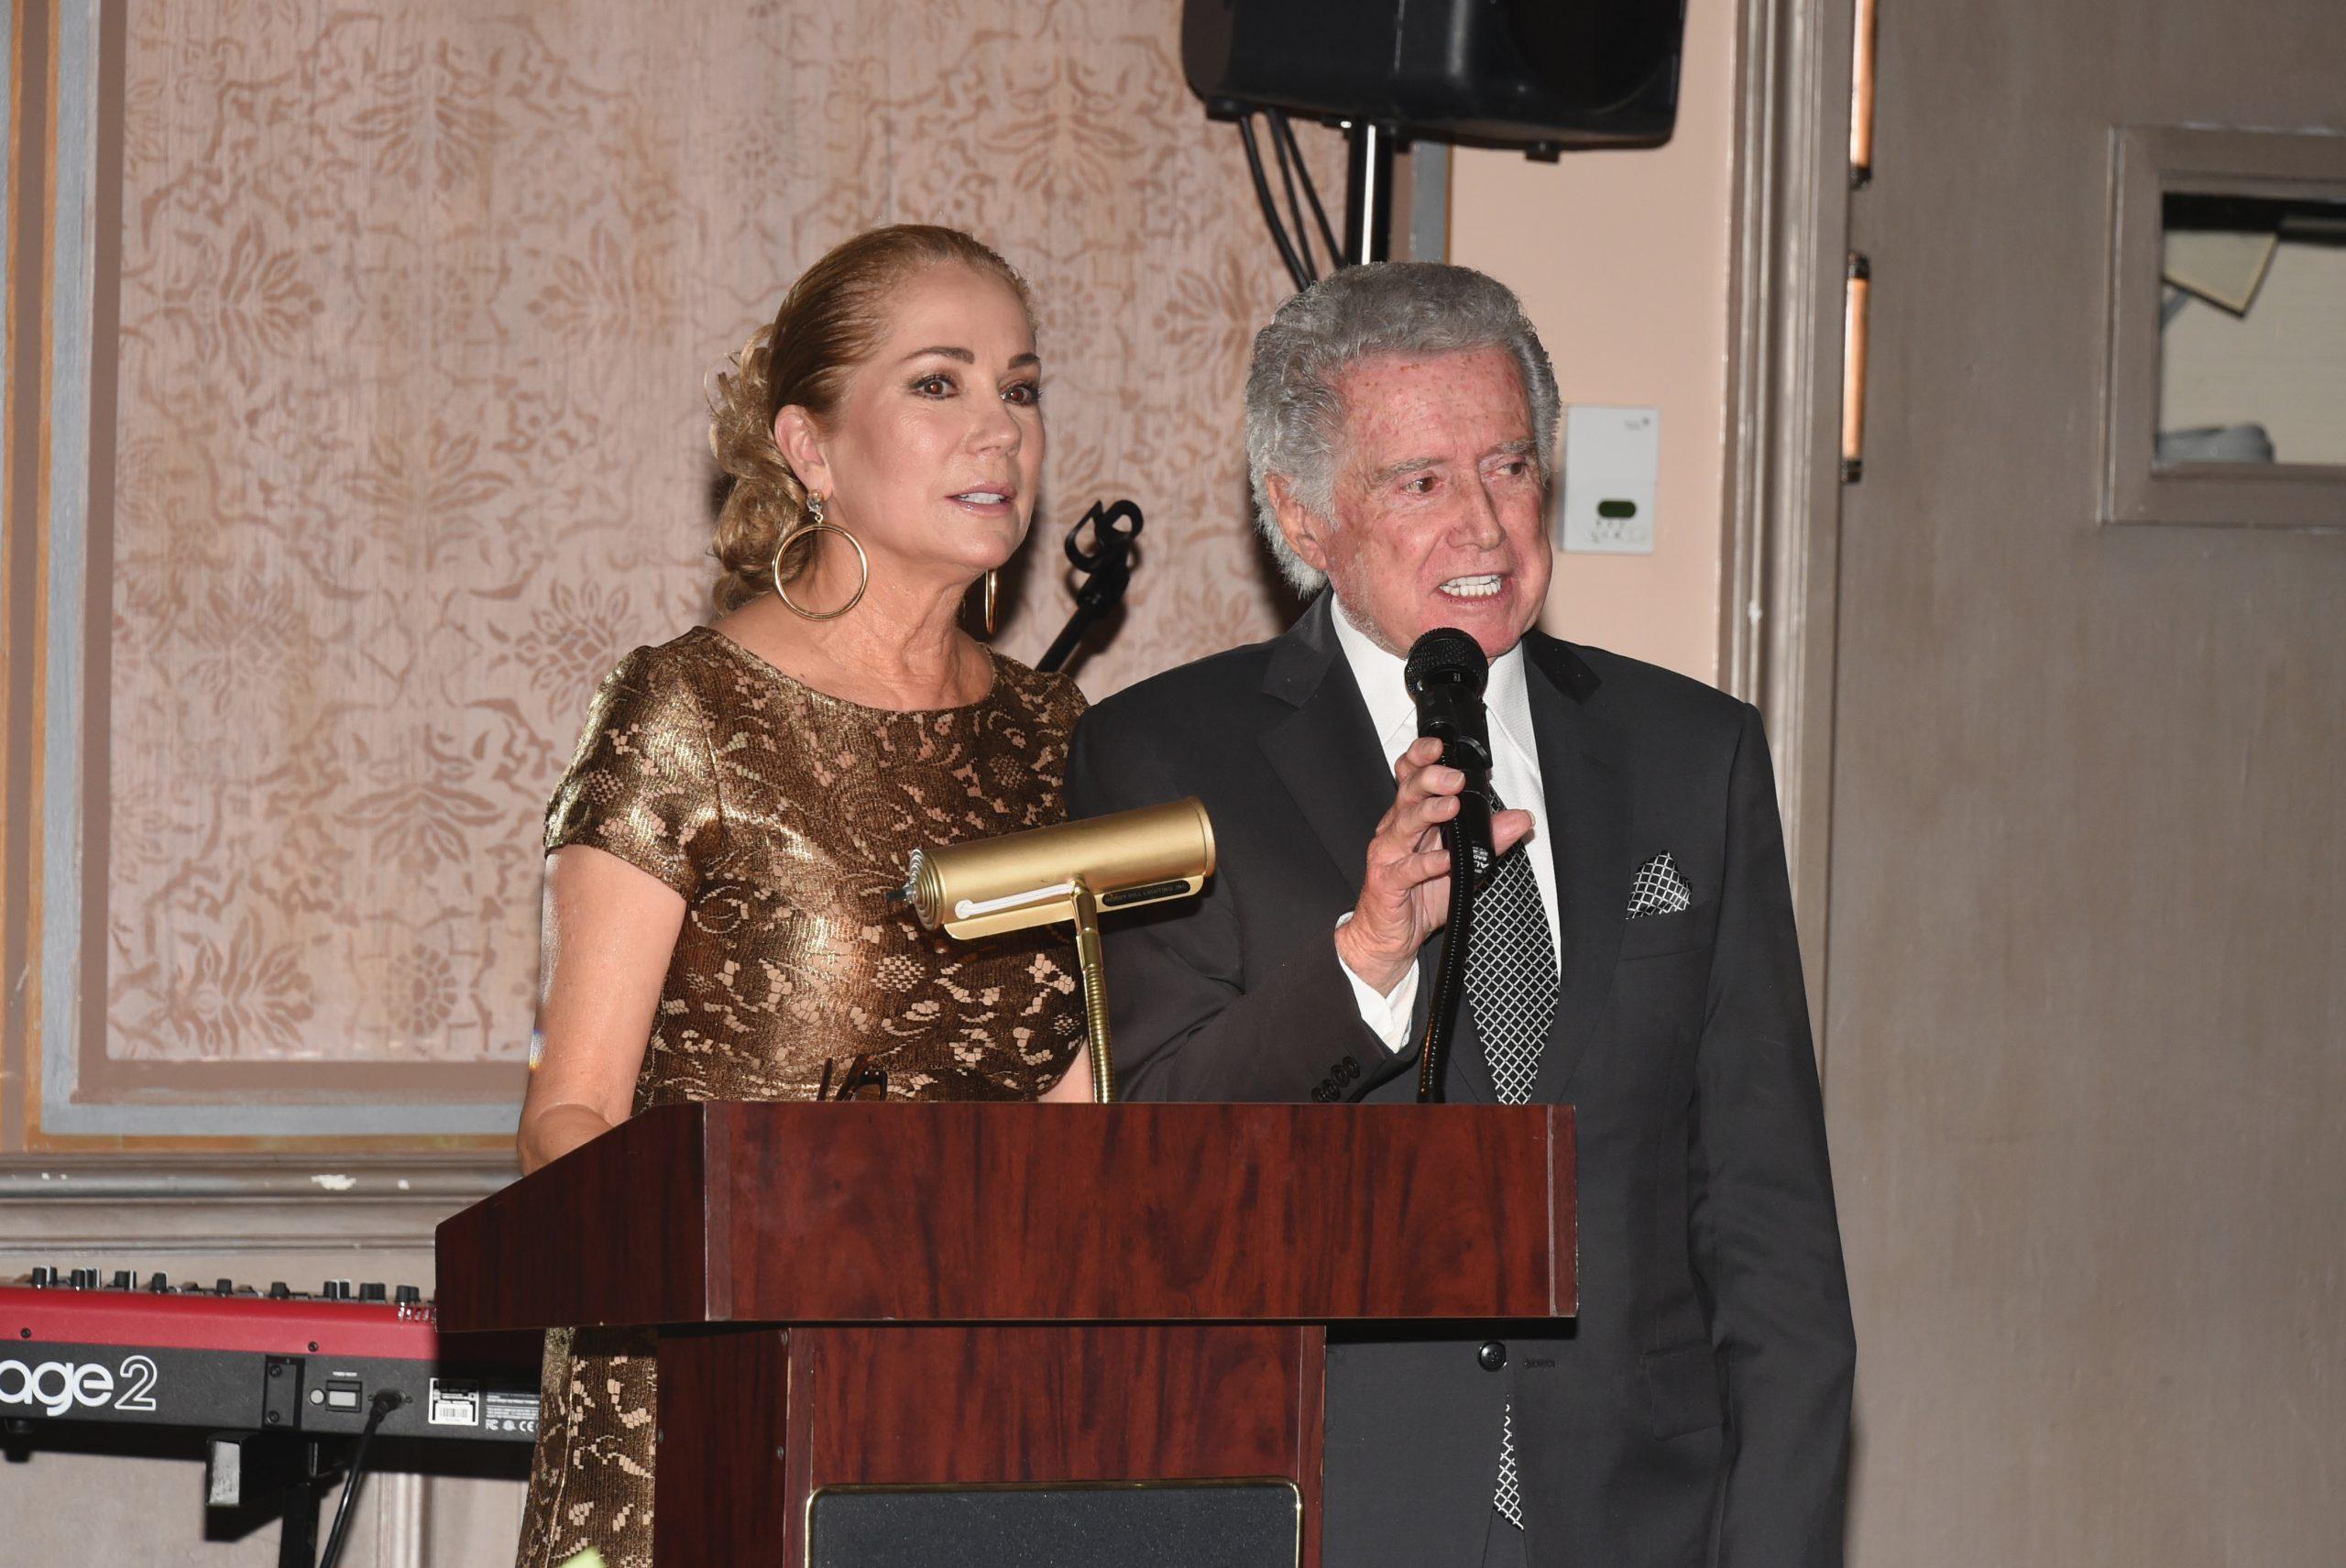 Kathie Lee Gifford and Regis Philbin